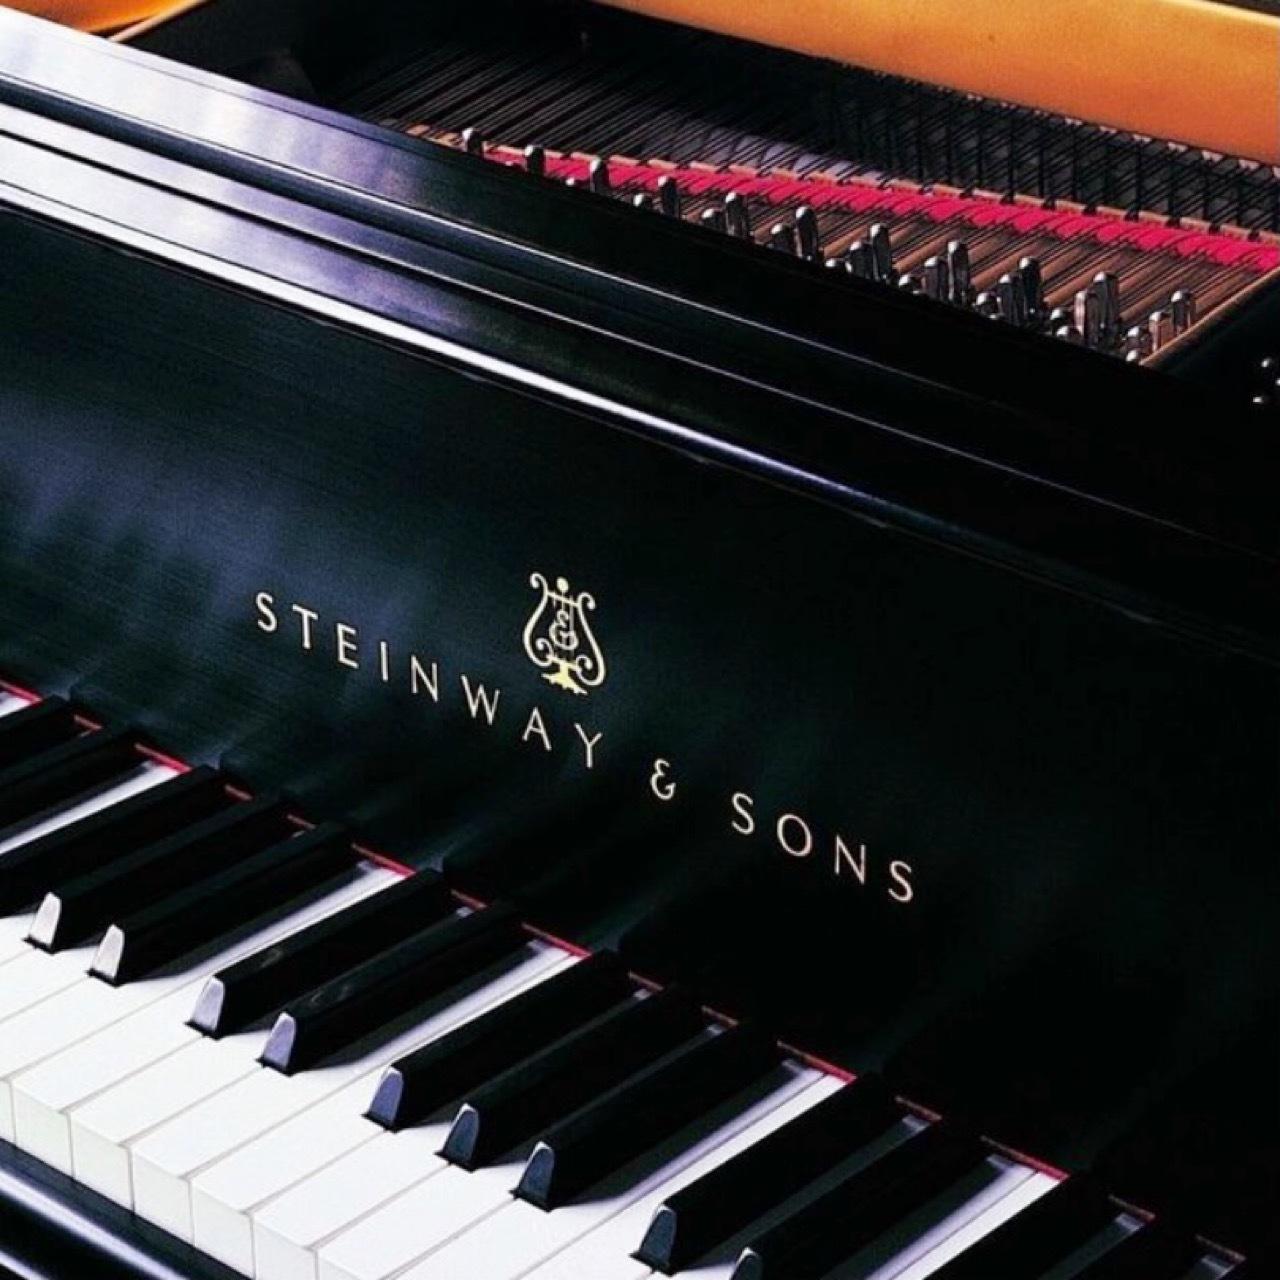 推しのピアノ⁉︎_b0210699_00230707.jpeg